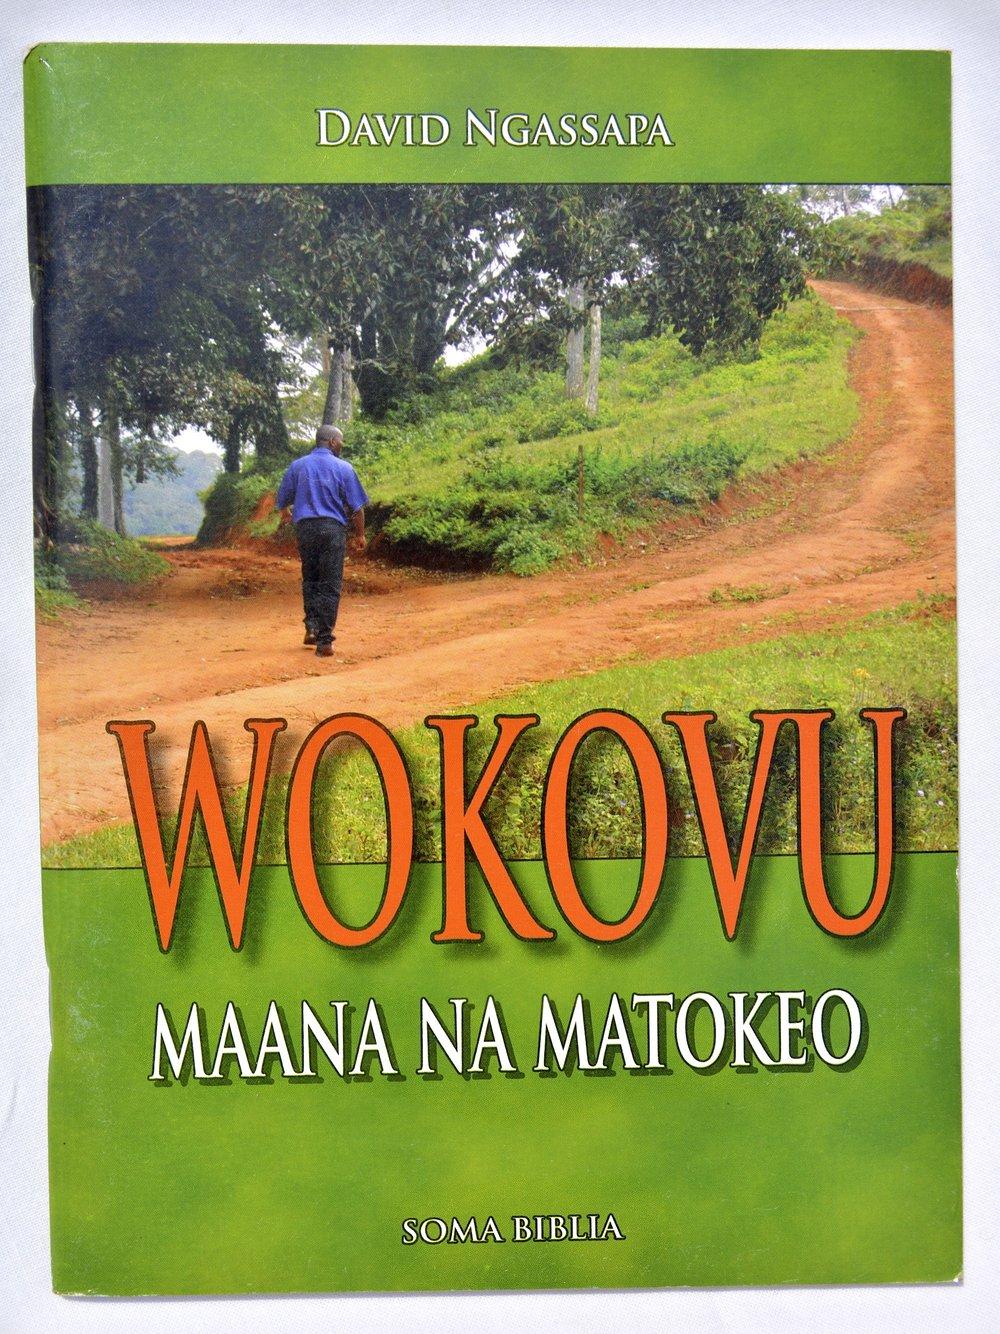 Wokovu - maana na matokeo